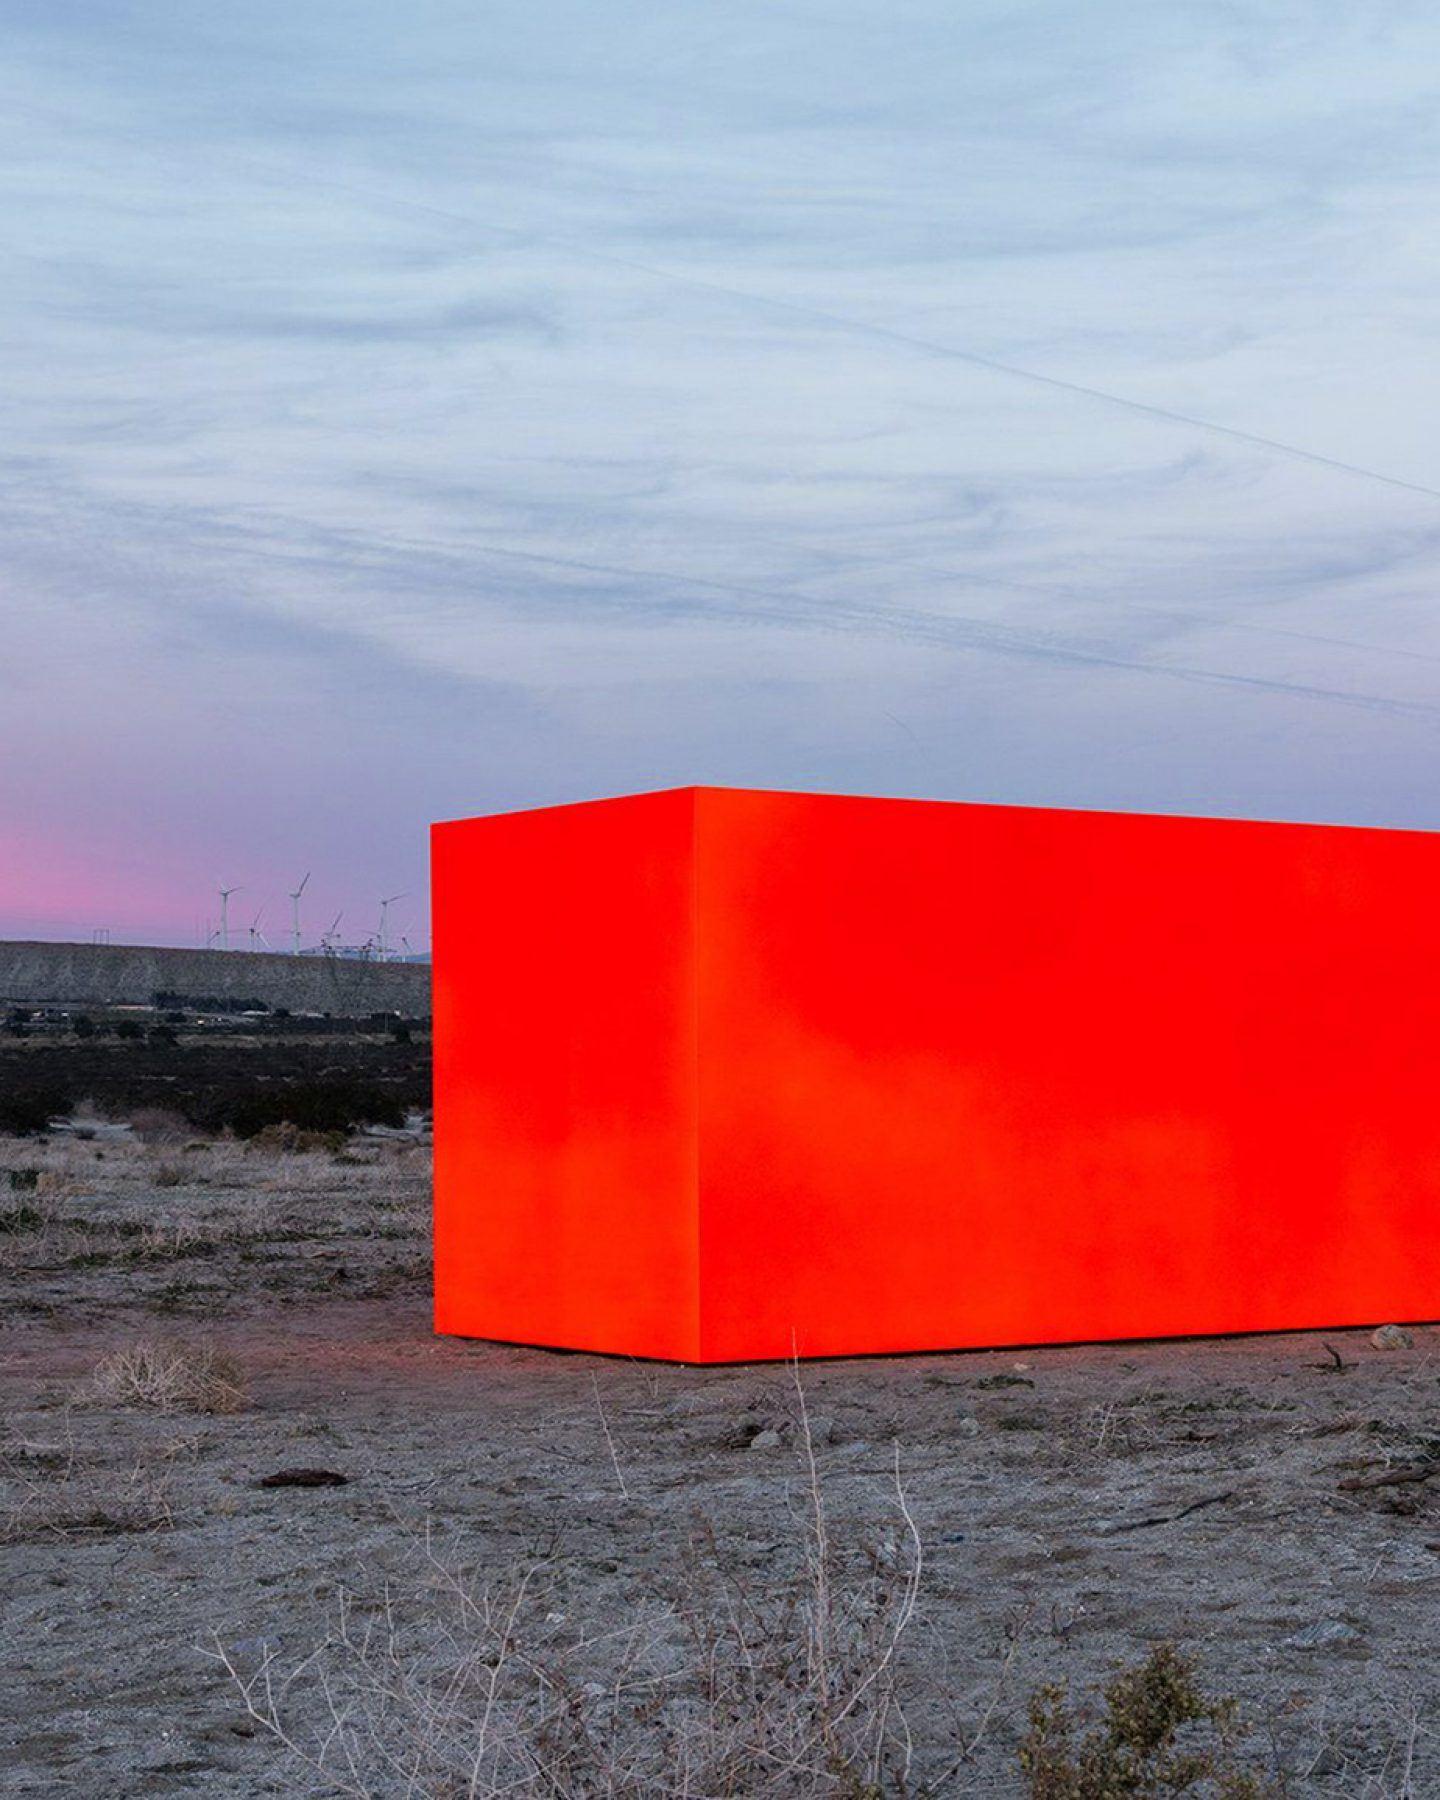 ignant-art-sterling-ruby-specter-10